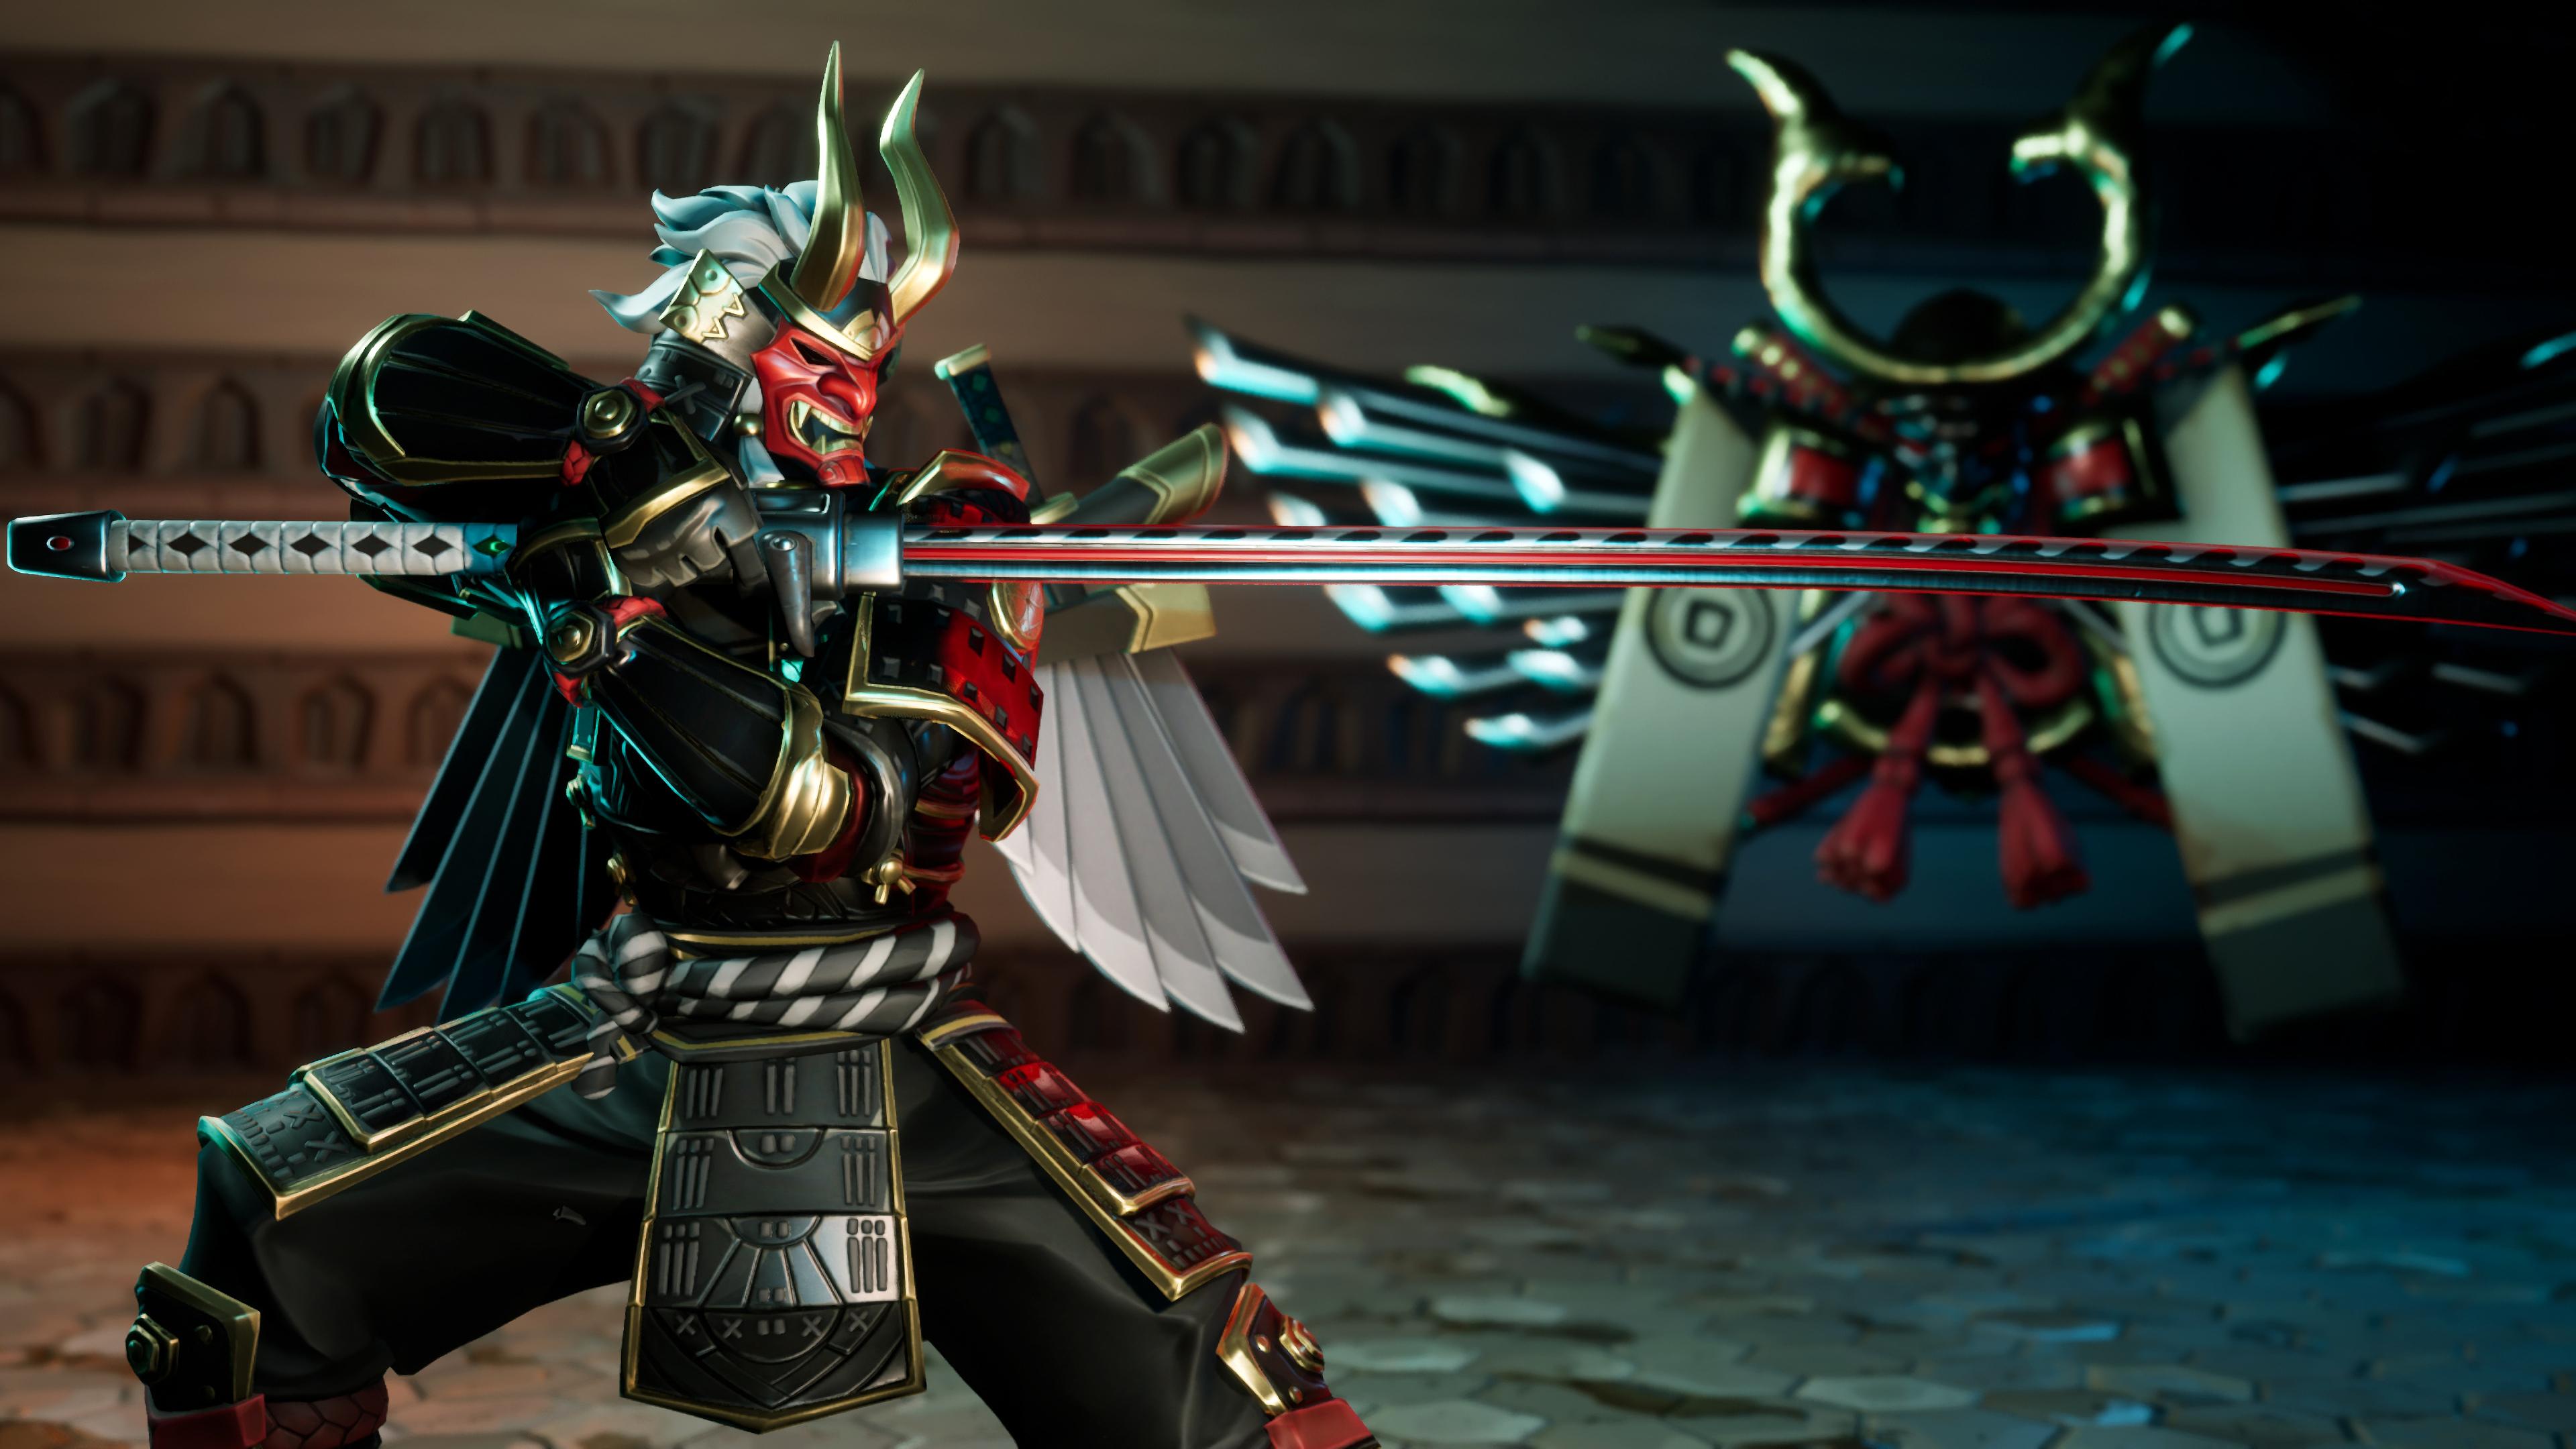 Shogun 4K 8K HD Fortnite Battle Royale Wallpaper 3840x2160